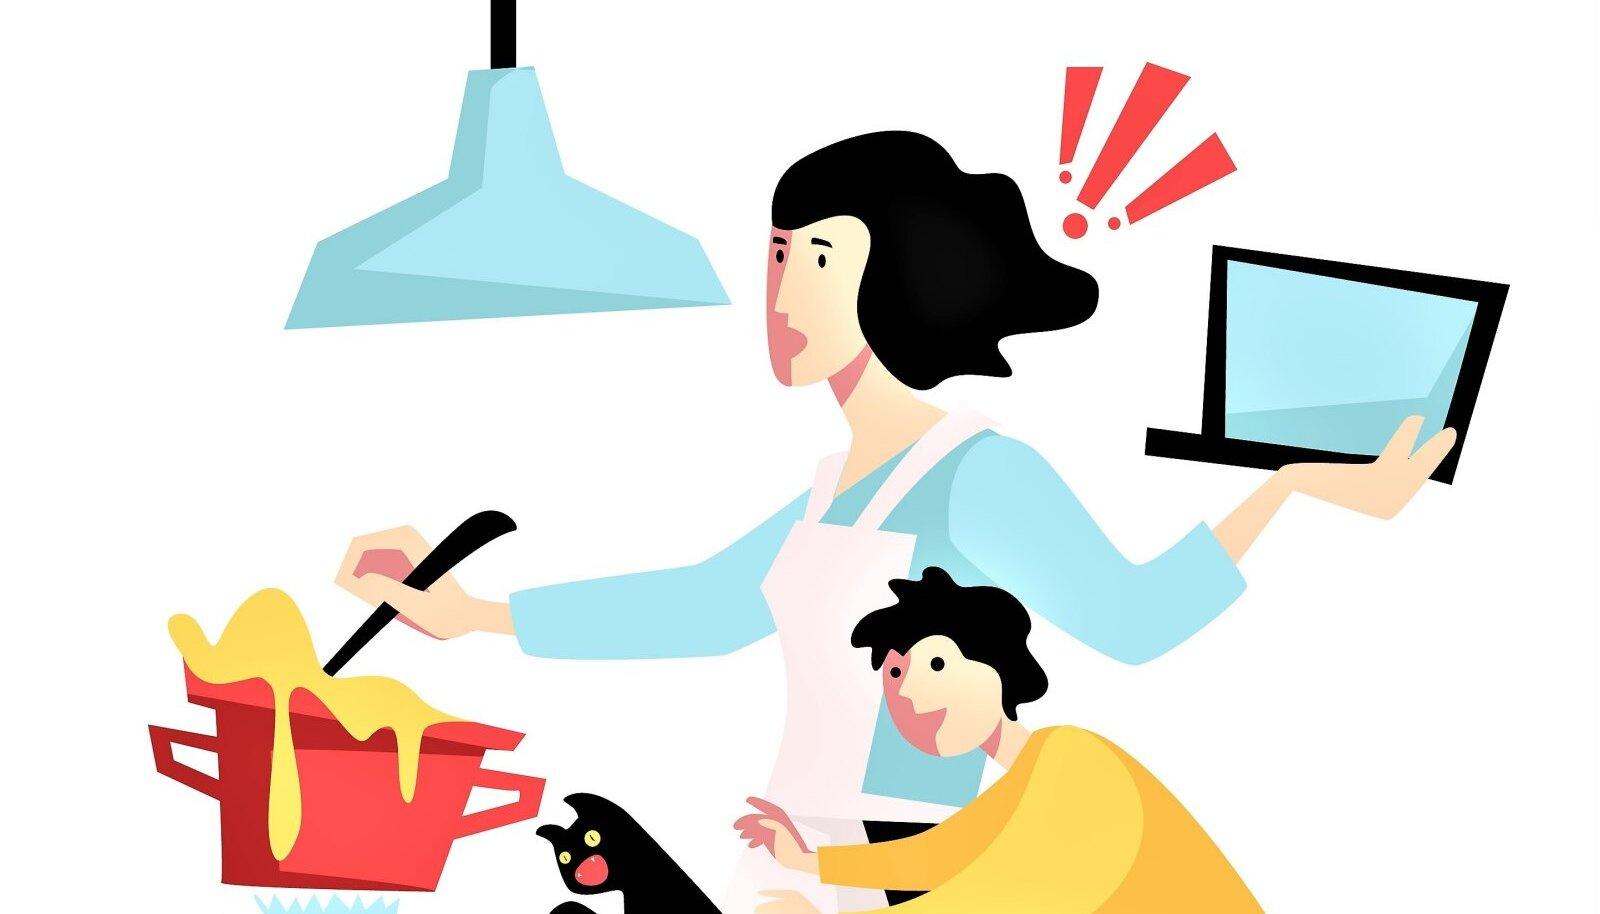 """""""PERED LEIAVAD LAHENDUSE"""": Enamasti tegelevad sellega emad, et haiged oleks hooldatud, pere oleks söönud, toad oleks koristatud ja laste koolitööd oleks ka distantsõppe ja kodukontori tingimustes tehtud."""